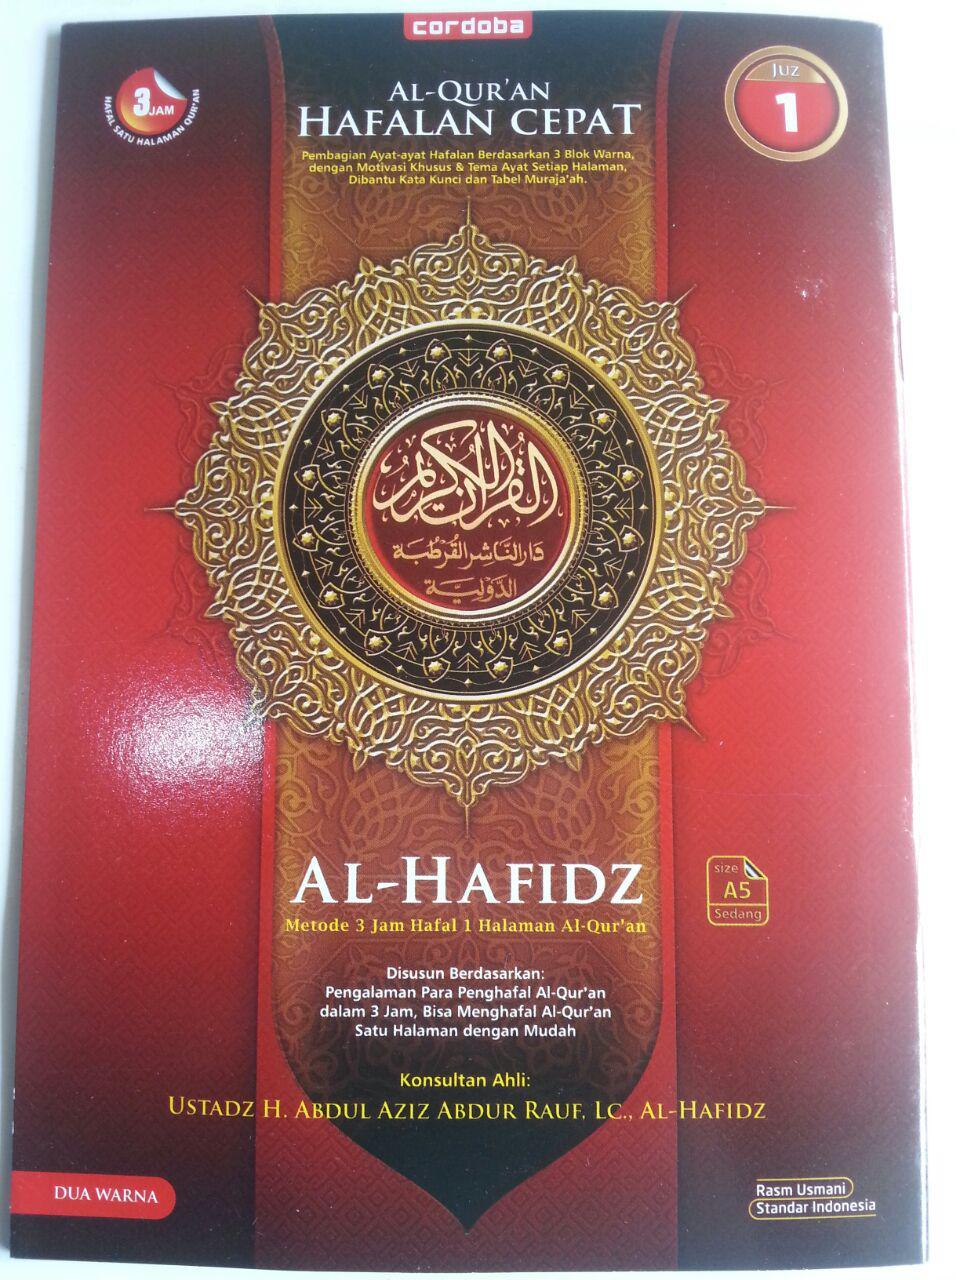 Al-Qur'an Hafalan Al-Hafidz Metode 3 jam Hafal 1 Halaman Per Juz cover